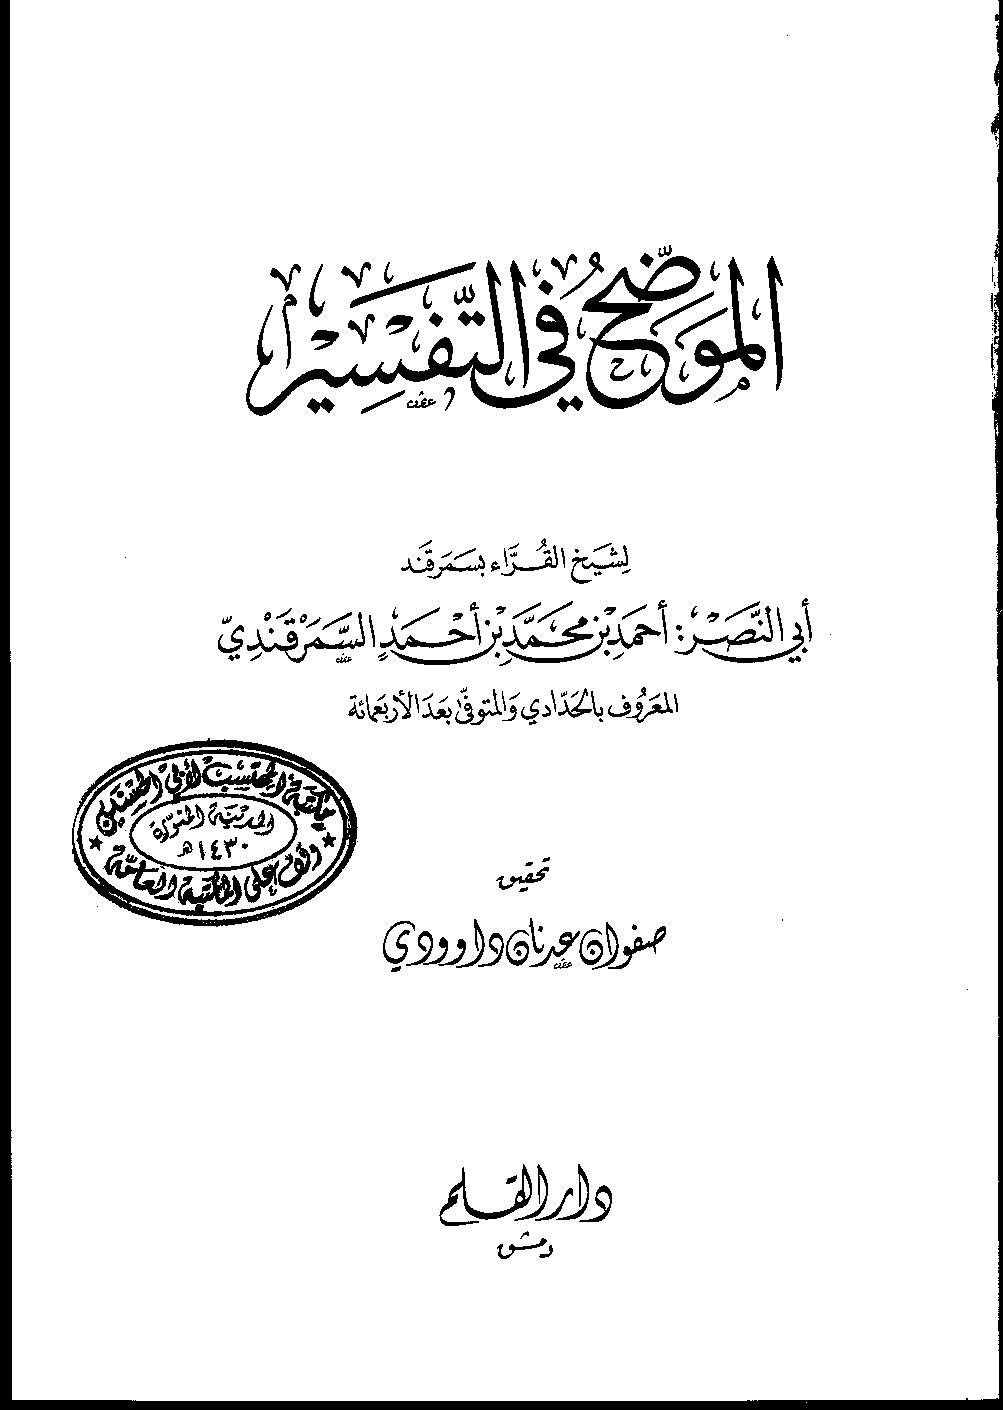 تحميل كتاب الموضح في التفسير لـِ: الإمام أبو النصر أحمد بن محمد بن أحمد الحدادي السمرقندي